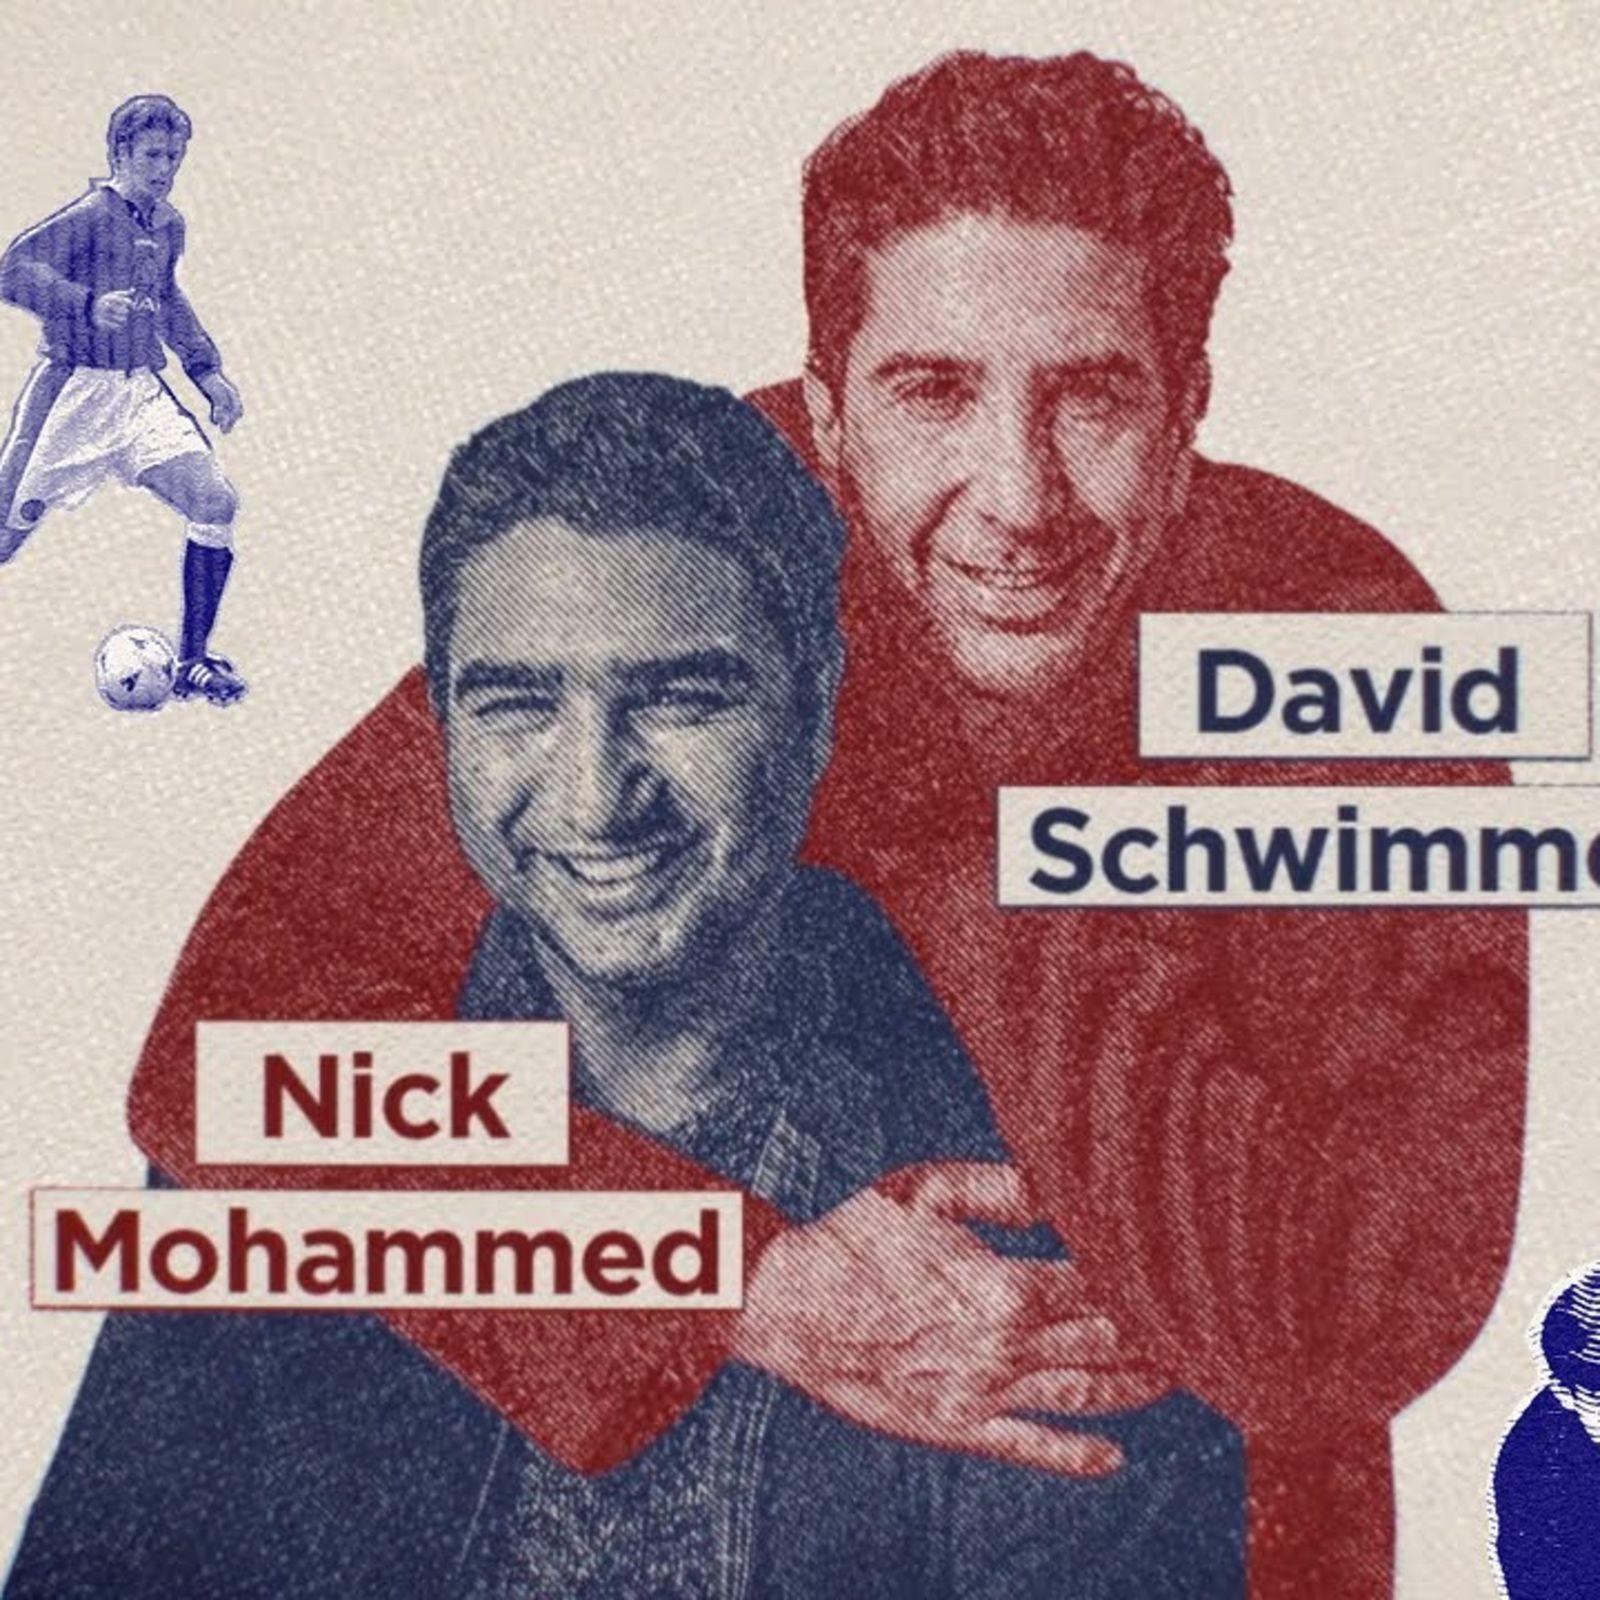 How British is David Schwimmer?